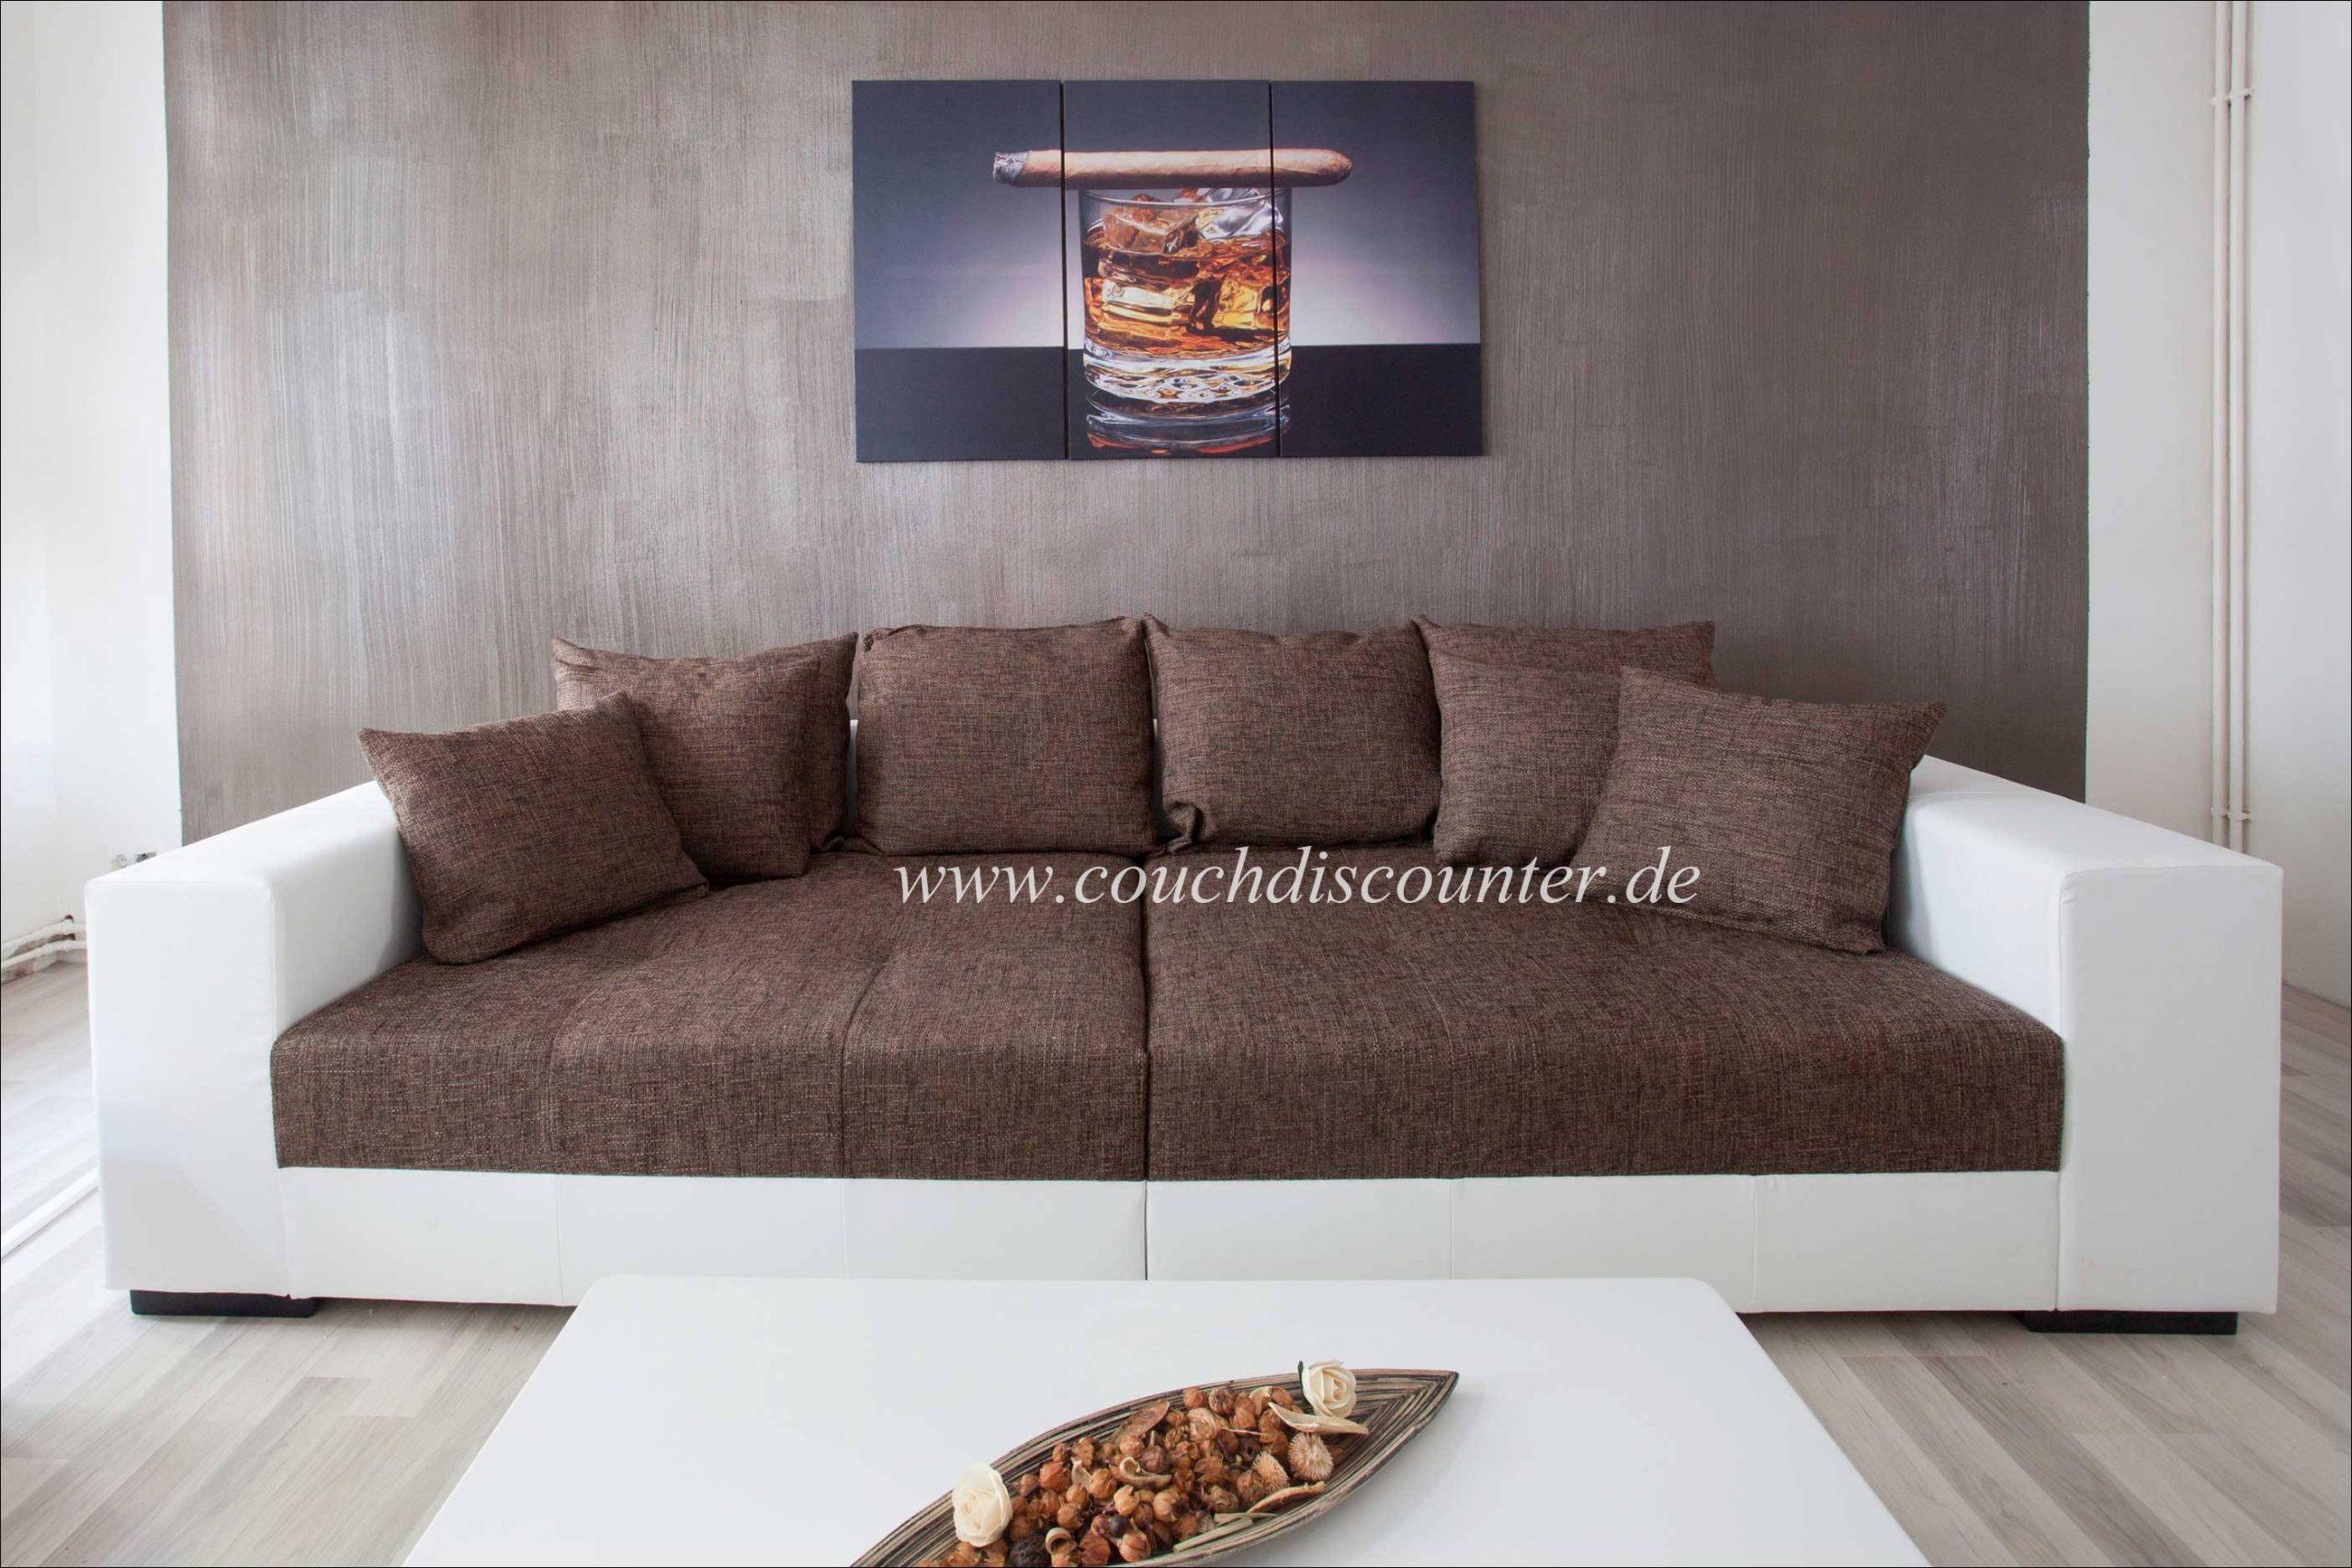 Full Size of Qualitt Sofa Für Esszimmer Riess Ambiente Big Grau Grünes Zweisitzer L Mit Schlaffunktion Relaxfunktion Kaufen Günstig Bezug Patchwork Petrol Eck 3er Antik Sofa Big Sofa Xxl